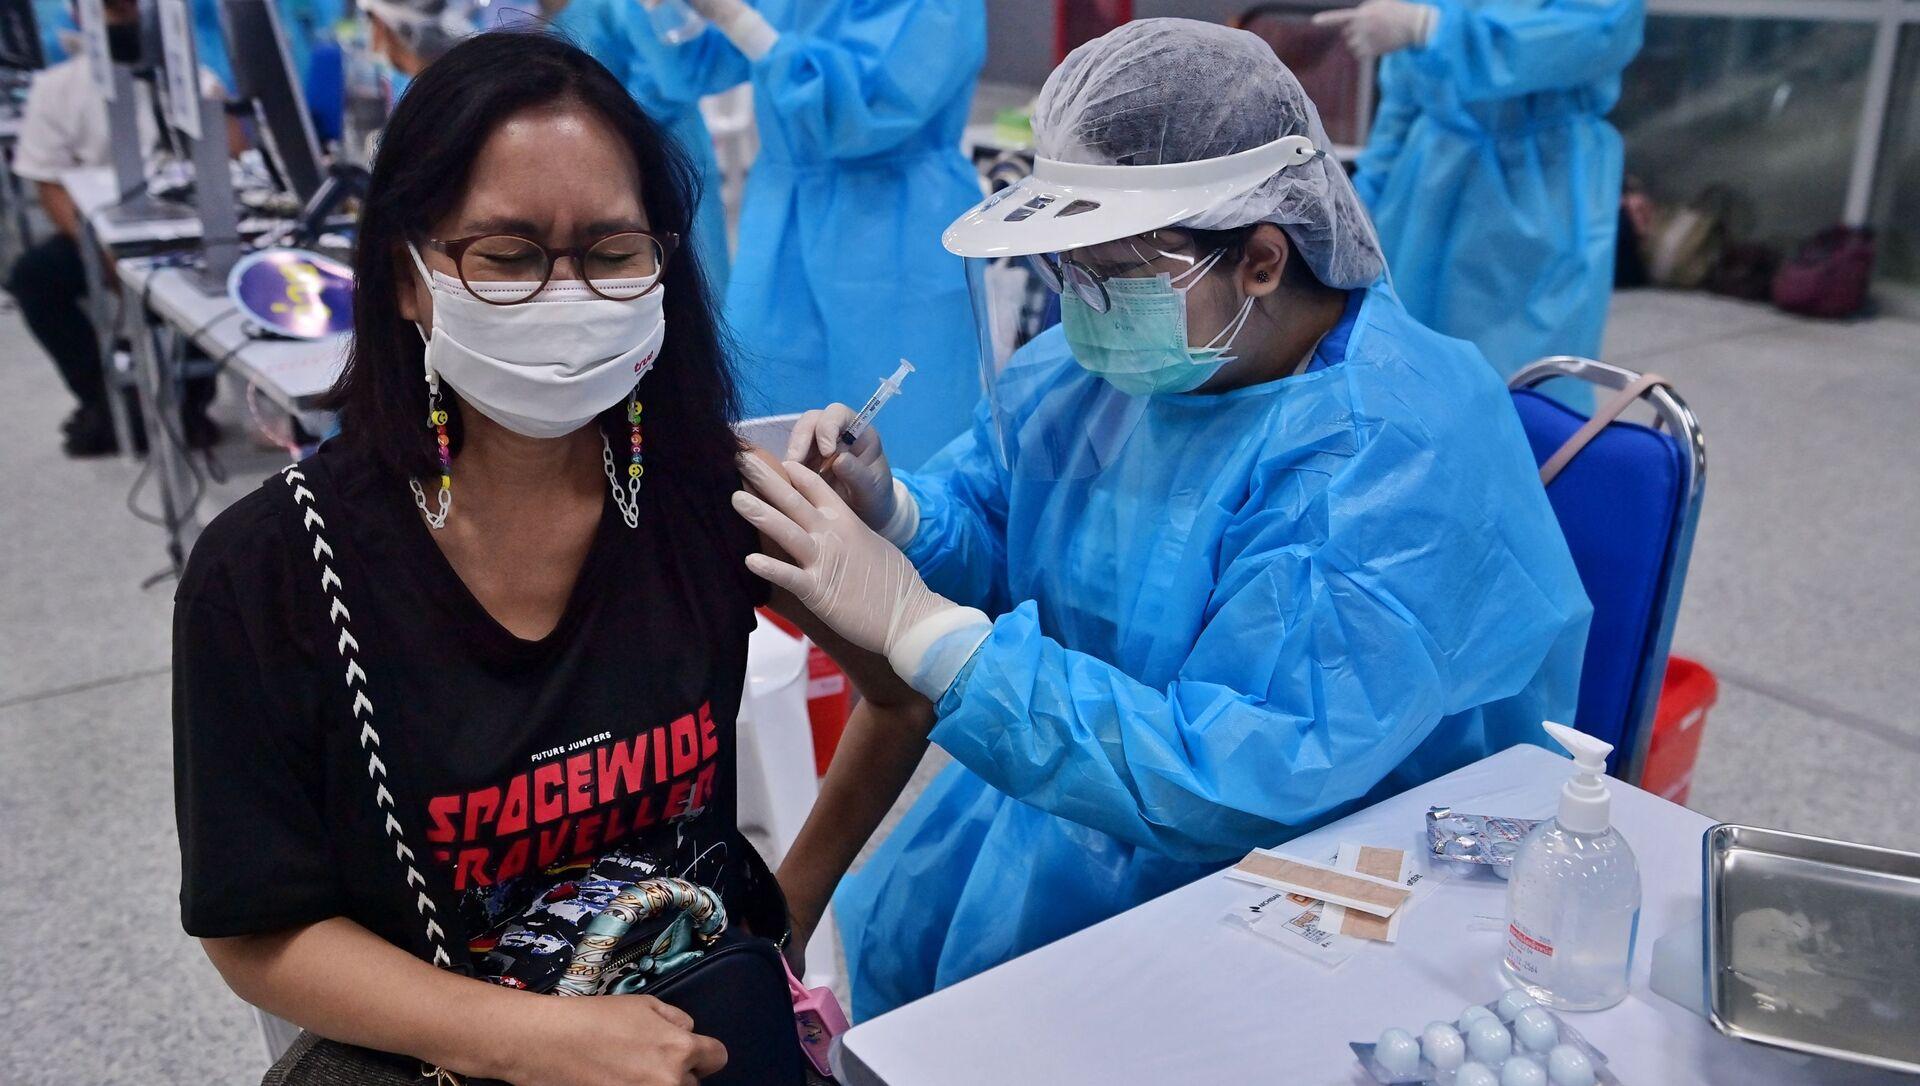 Tiêm vắc xin Coronavirus ở Thái Lan. - Sputnik Việt Nam, 1920, 28.08.2021